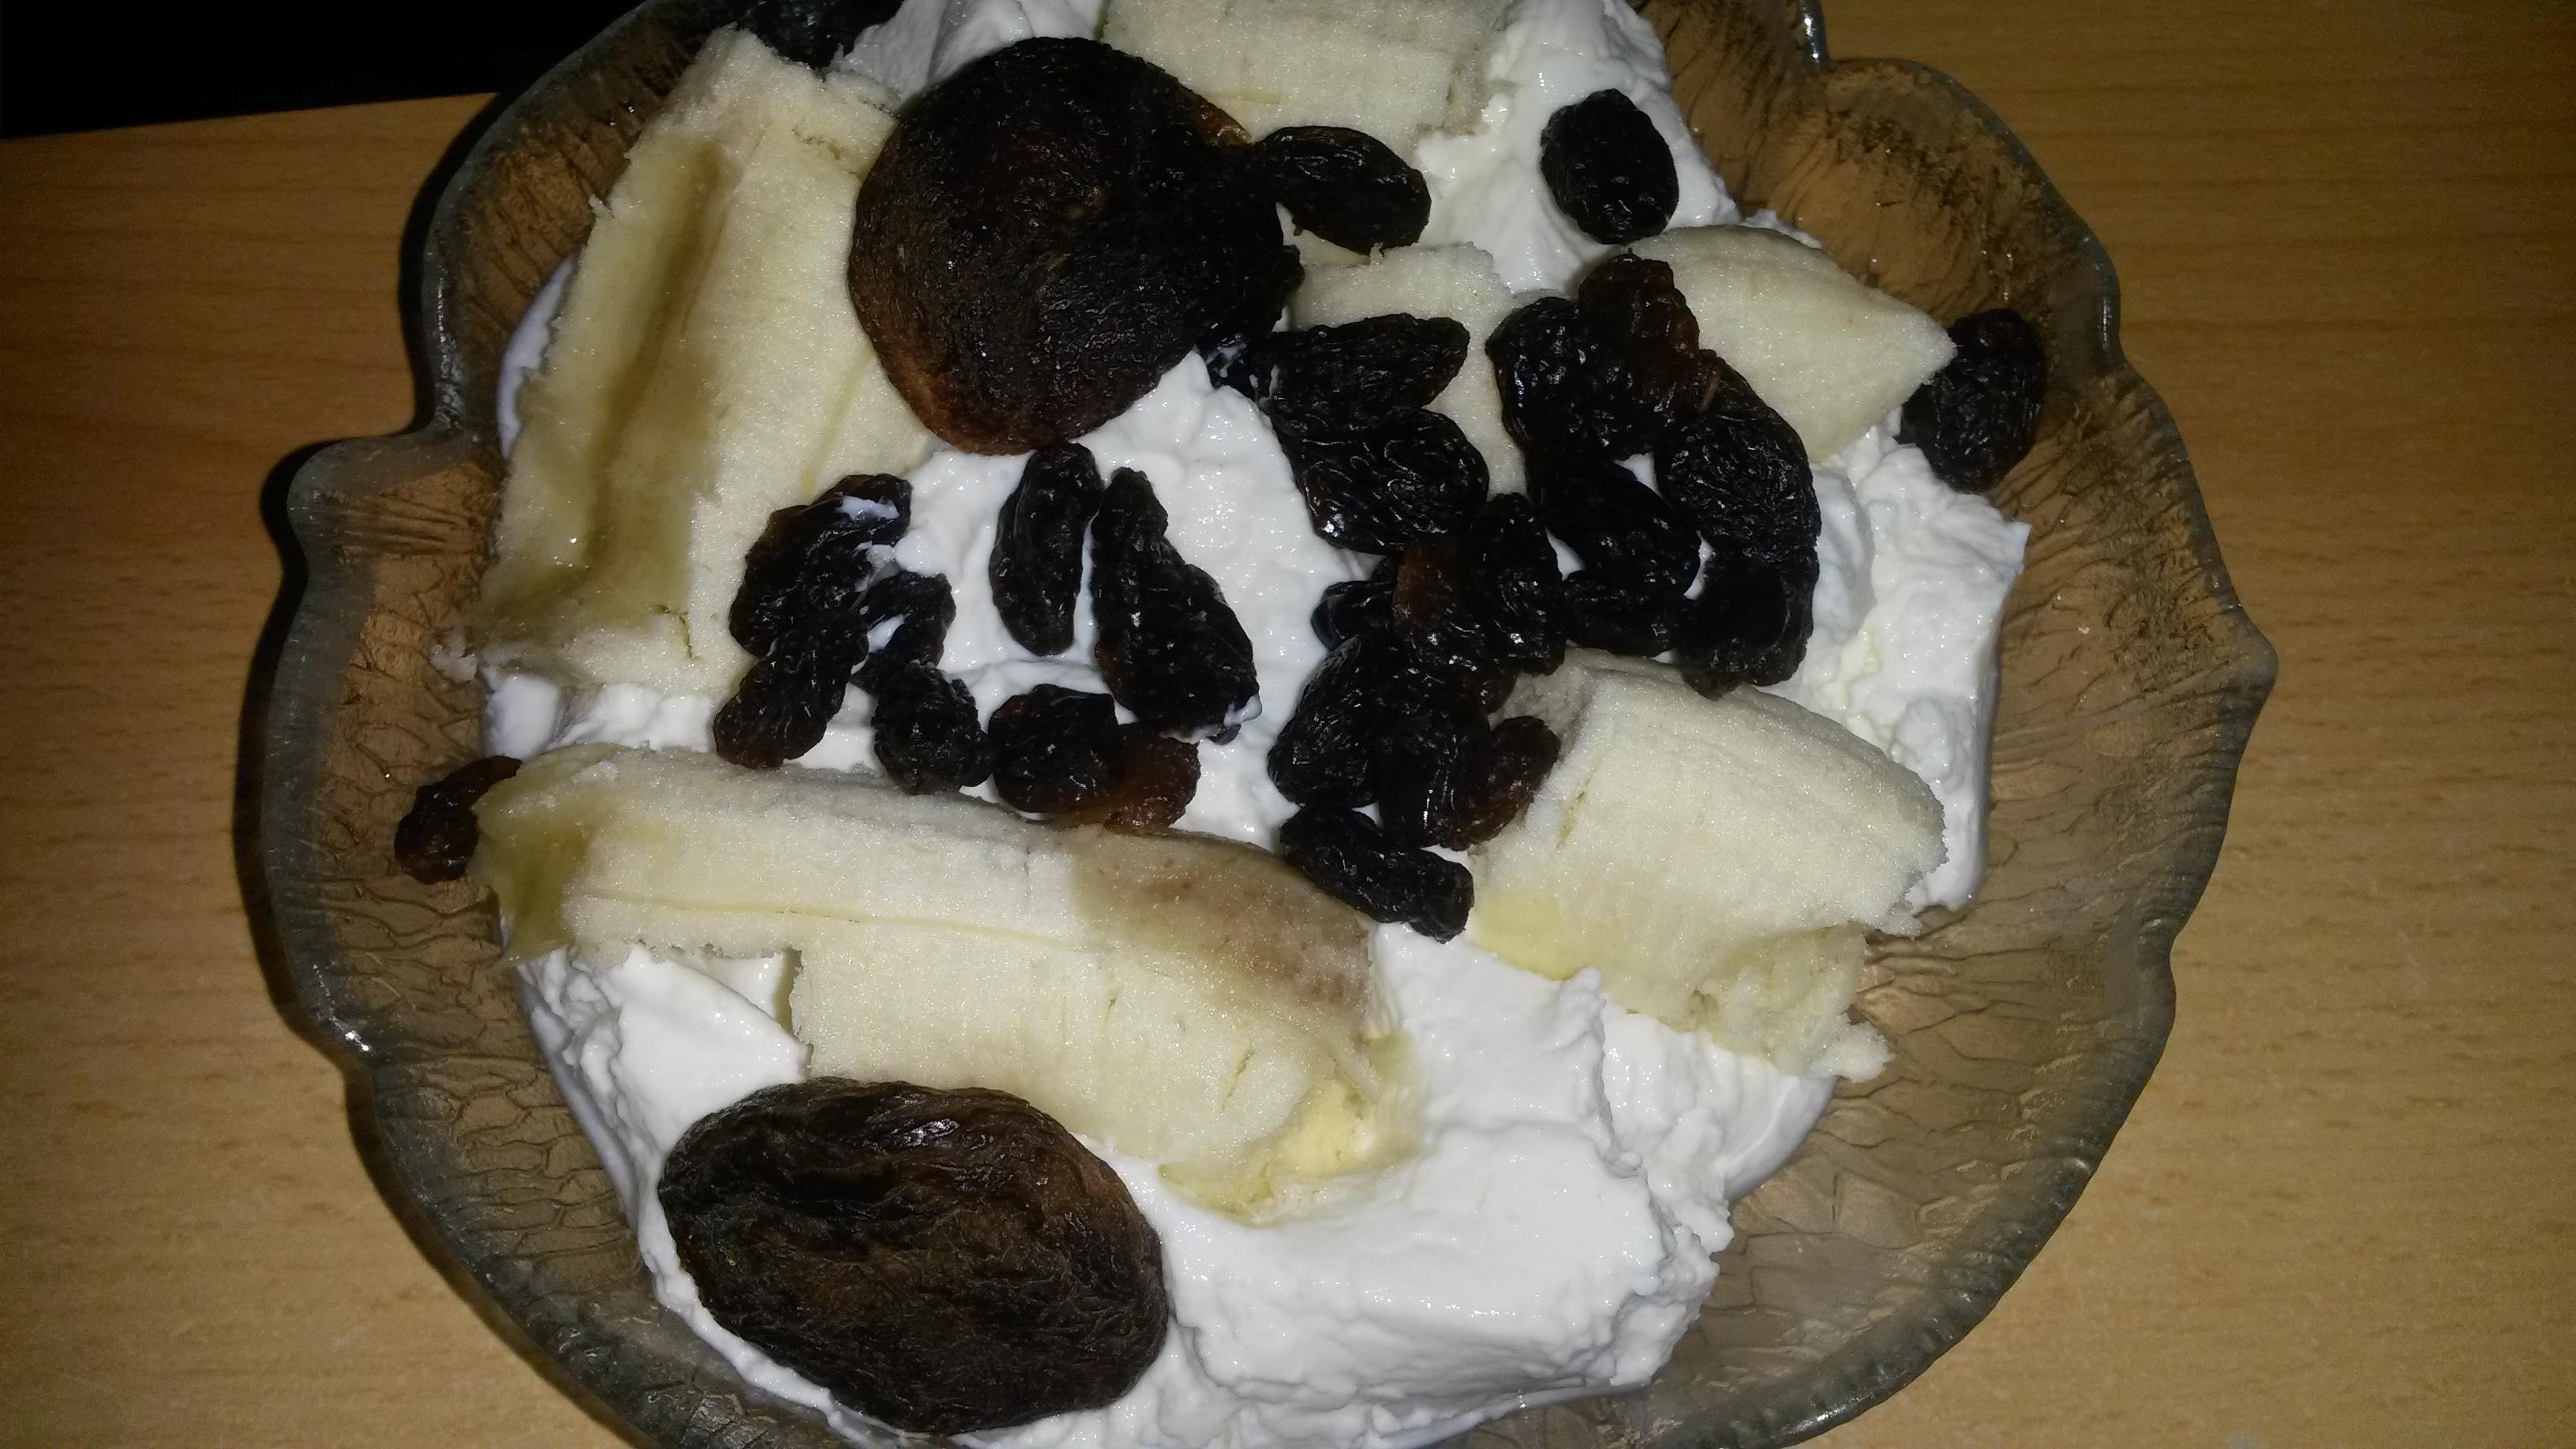 https://foodloader.net/sk0r_2014-08-04_Magerquark_Banane_Trockenobst.jpg